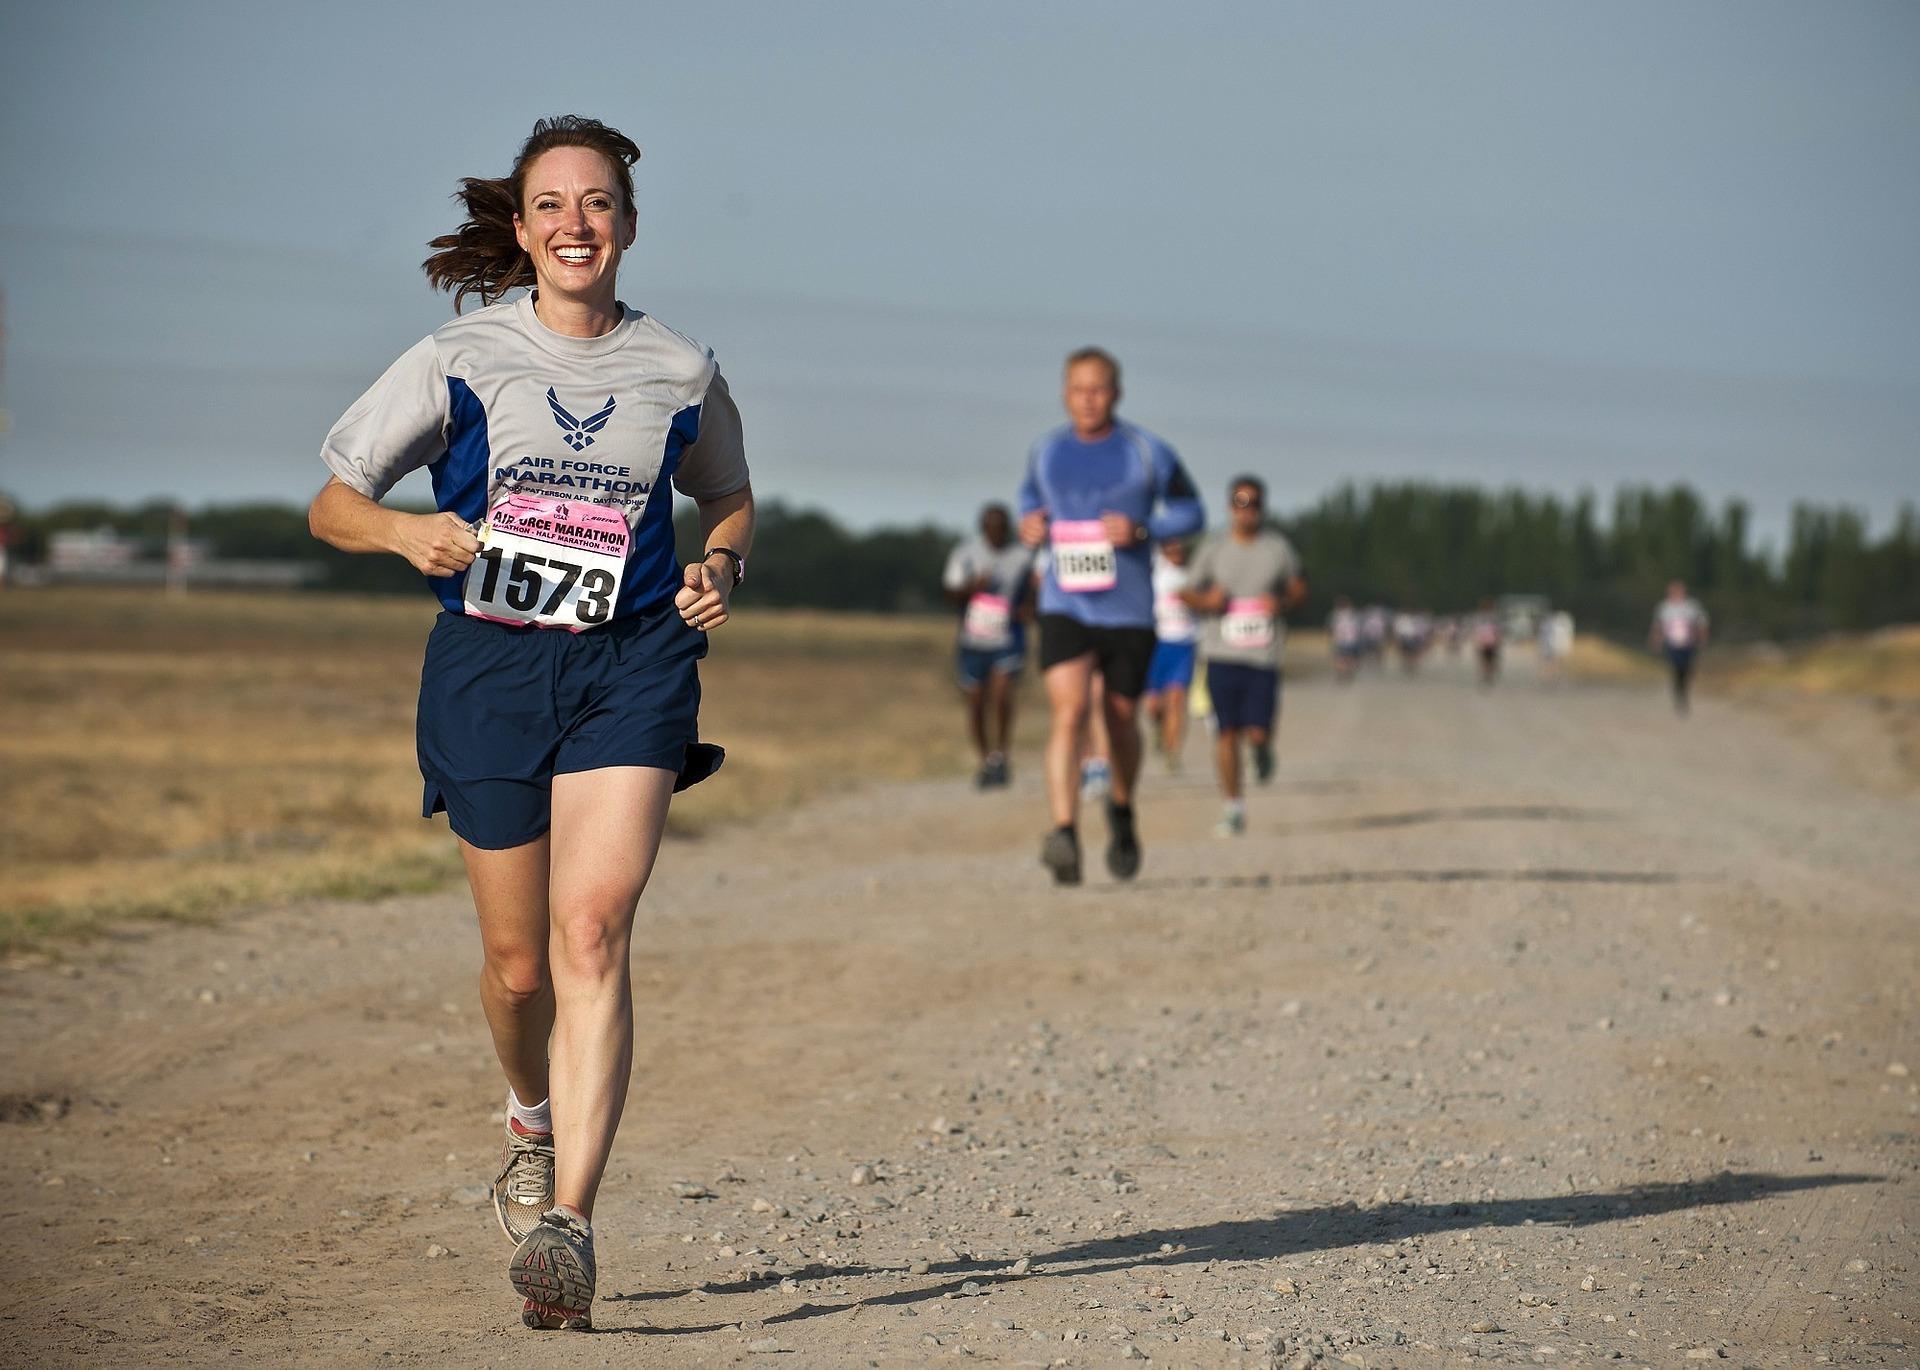 5kmマラソン走って感じた、「人生を走るコツ」